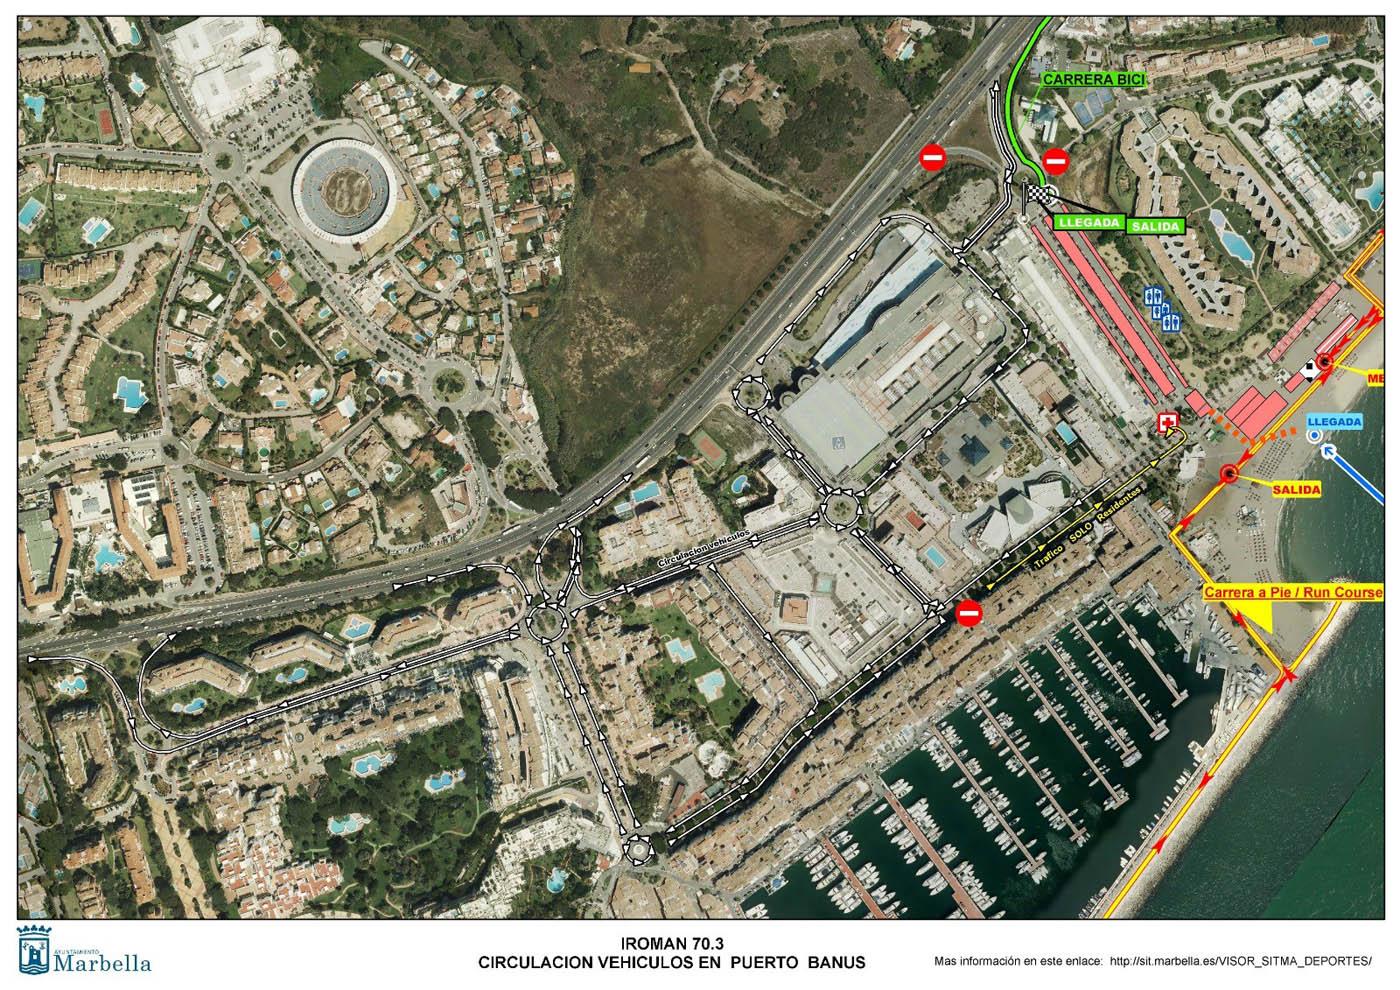 Los ciudadanos pueden consultar ya las vías que se verán afectadas el 27 de abril por la celebración del Ironman 70.3 y las alternativas de tráfico a través del portal SITMA